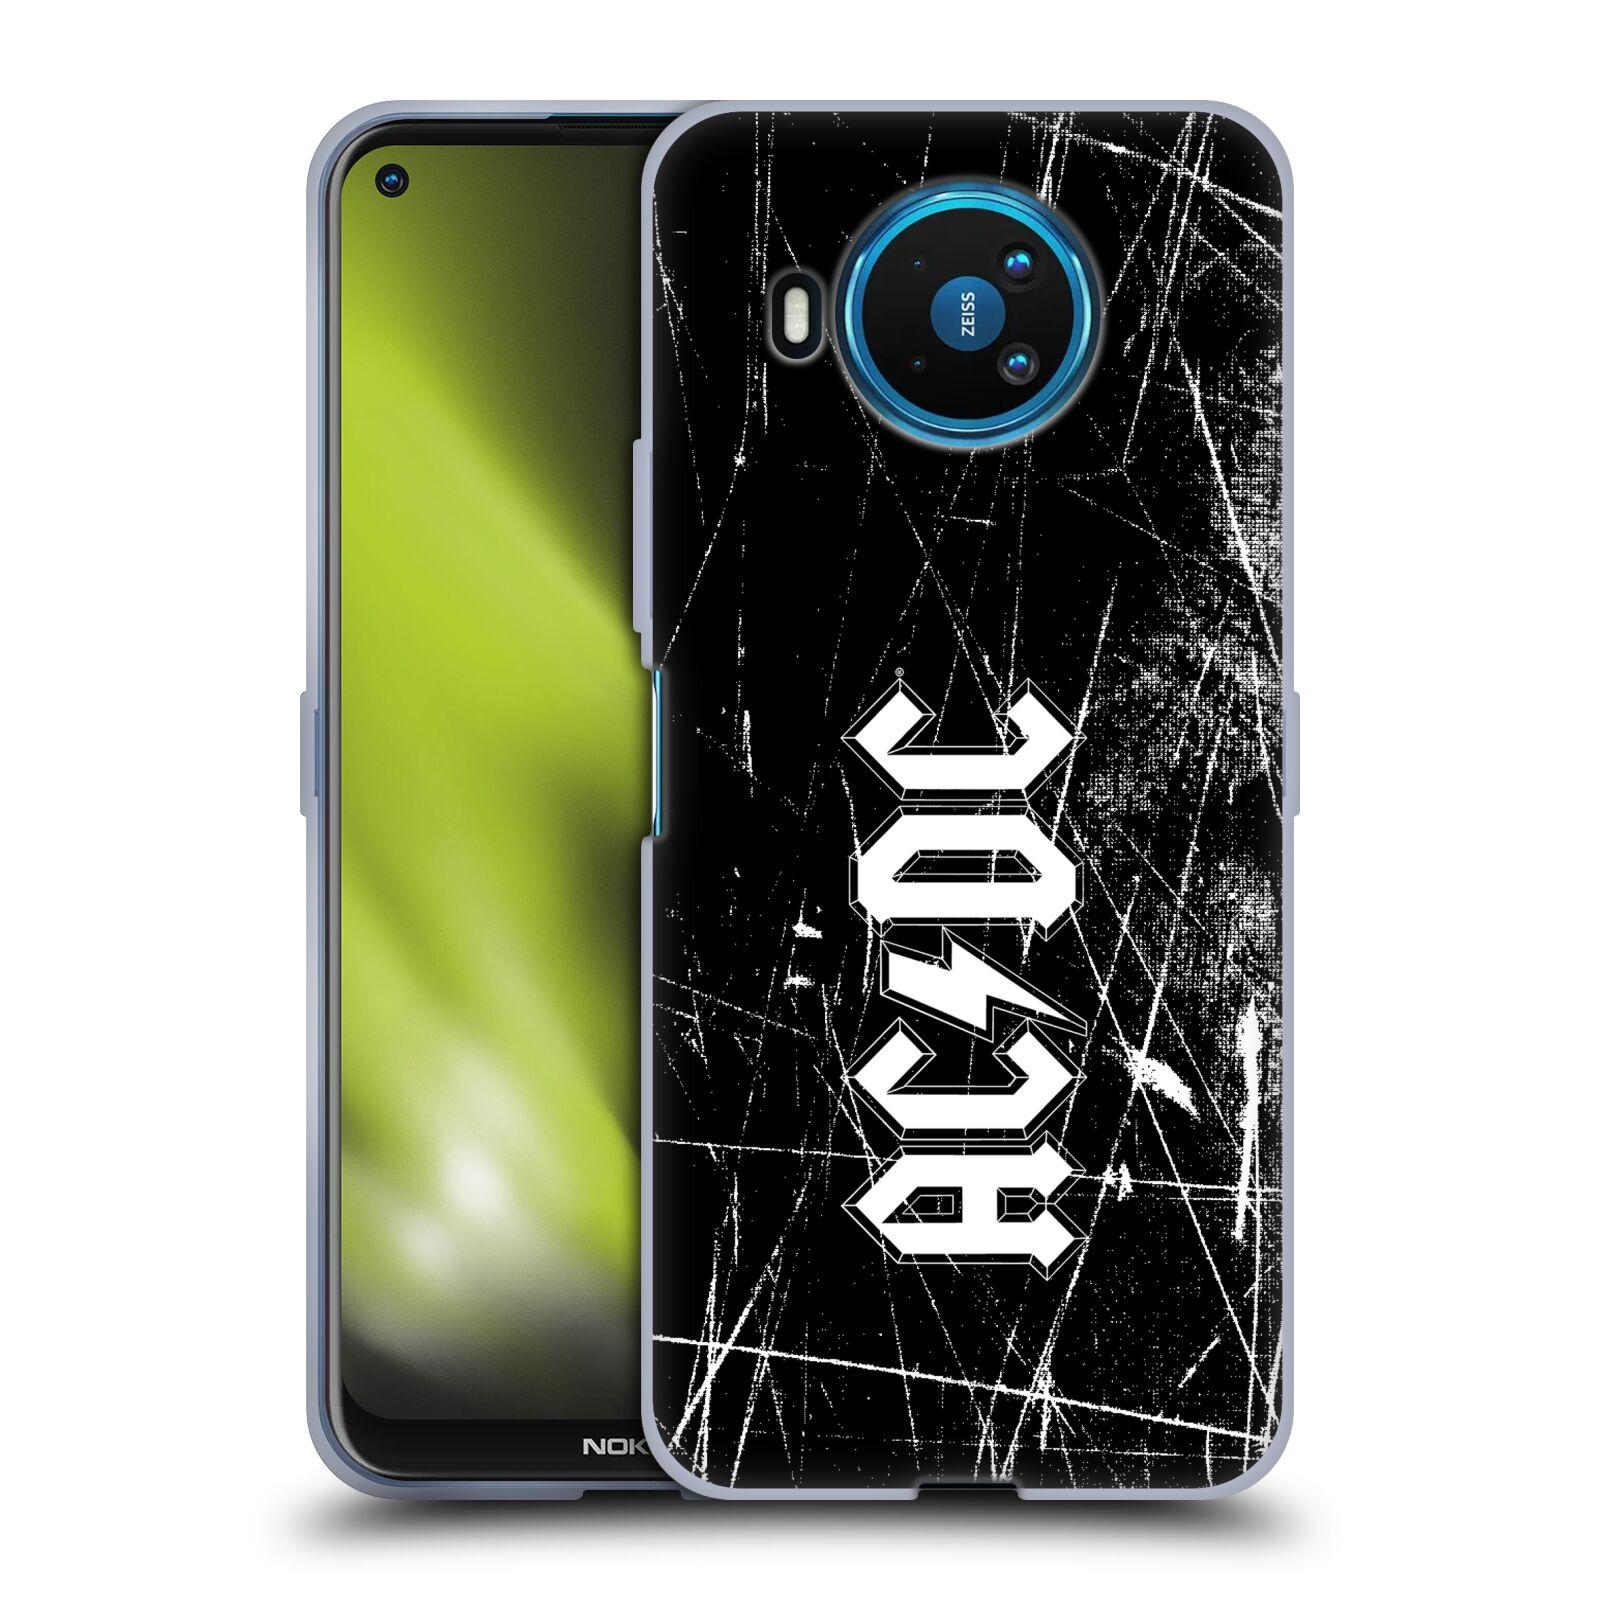 Silikonové pouzdro na mobil Nokia 8.3 5G - Head Case - AC/DC Černobílé logo